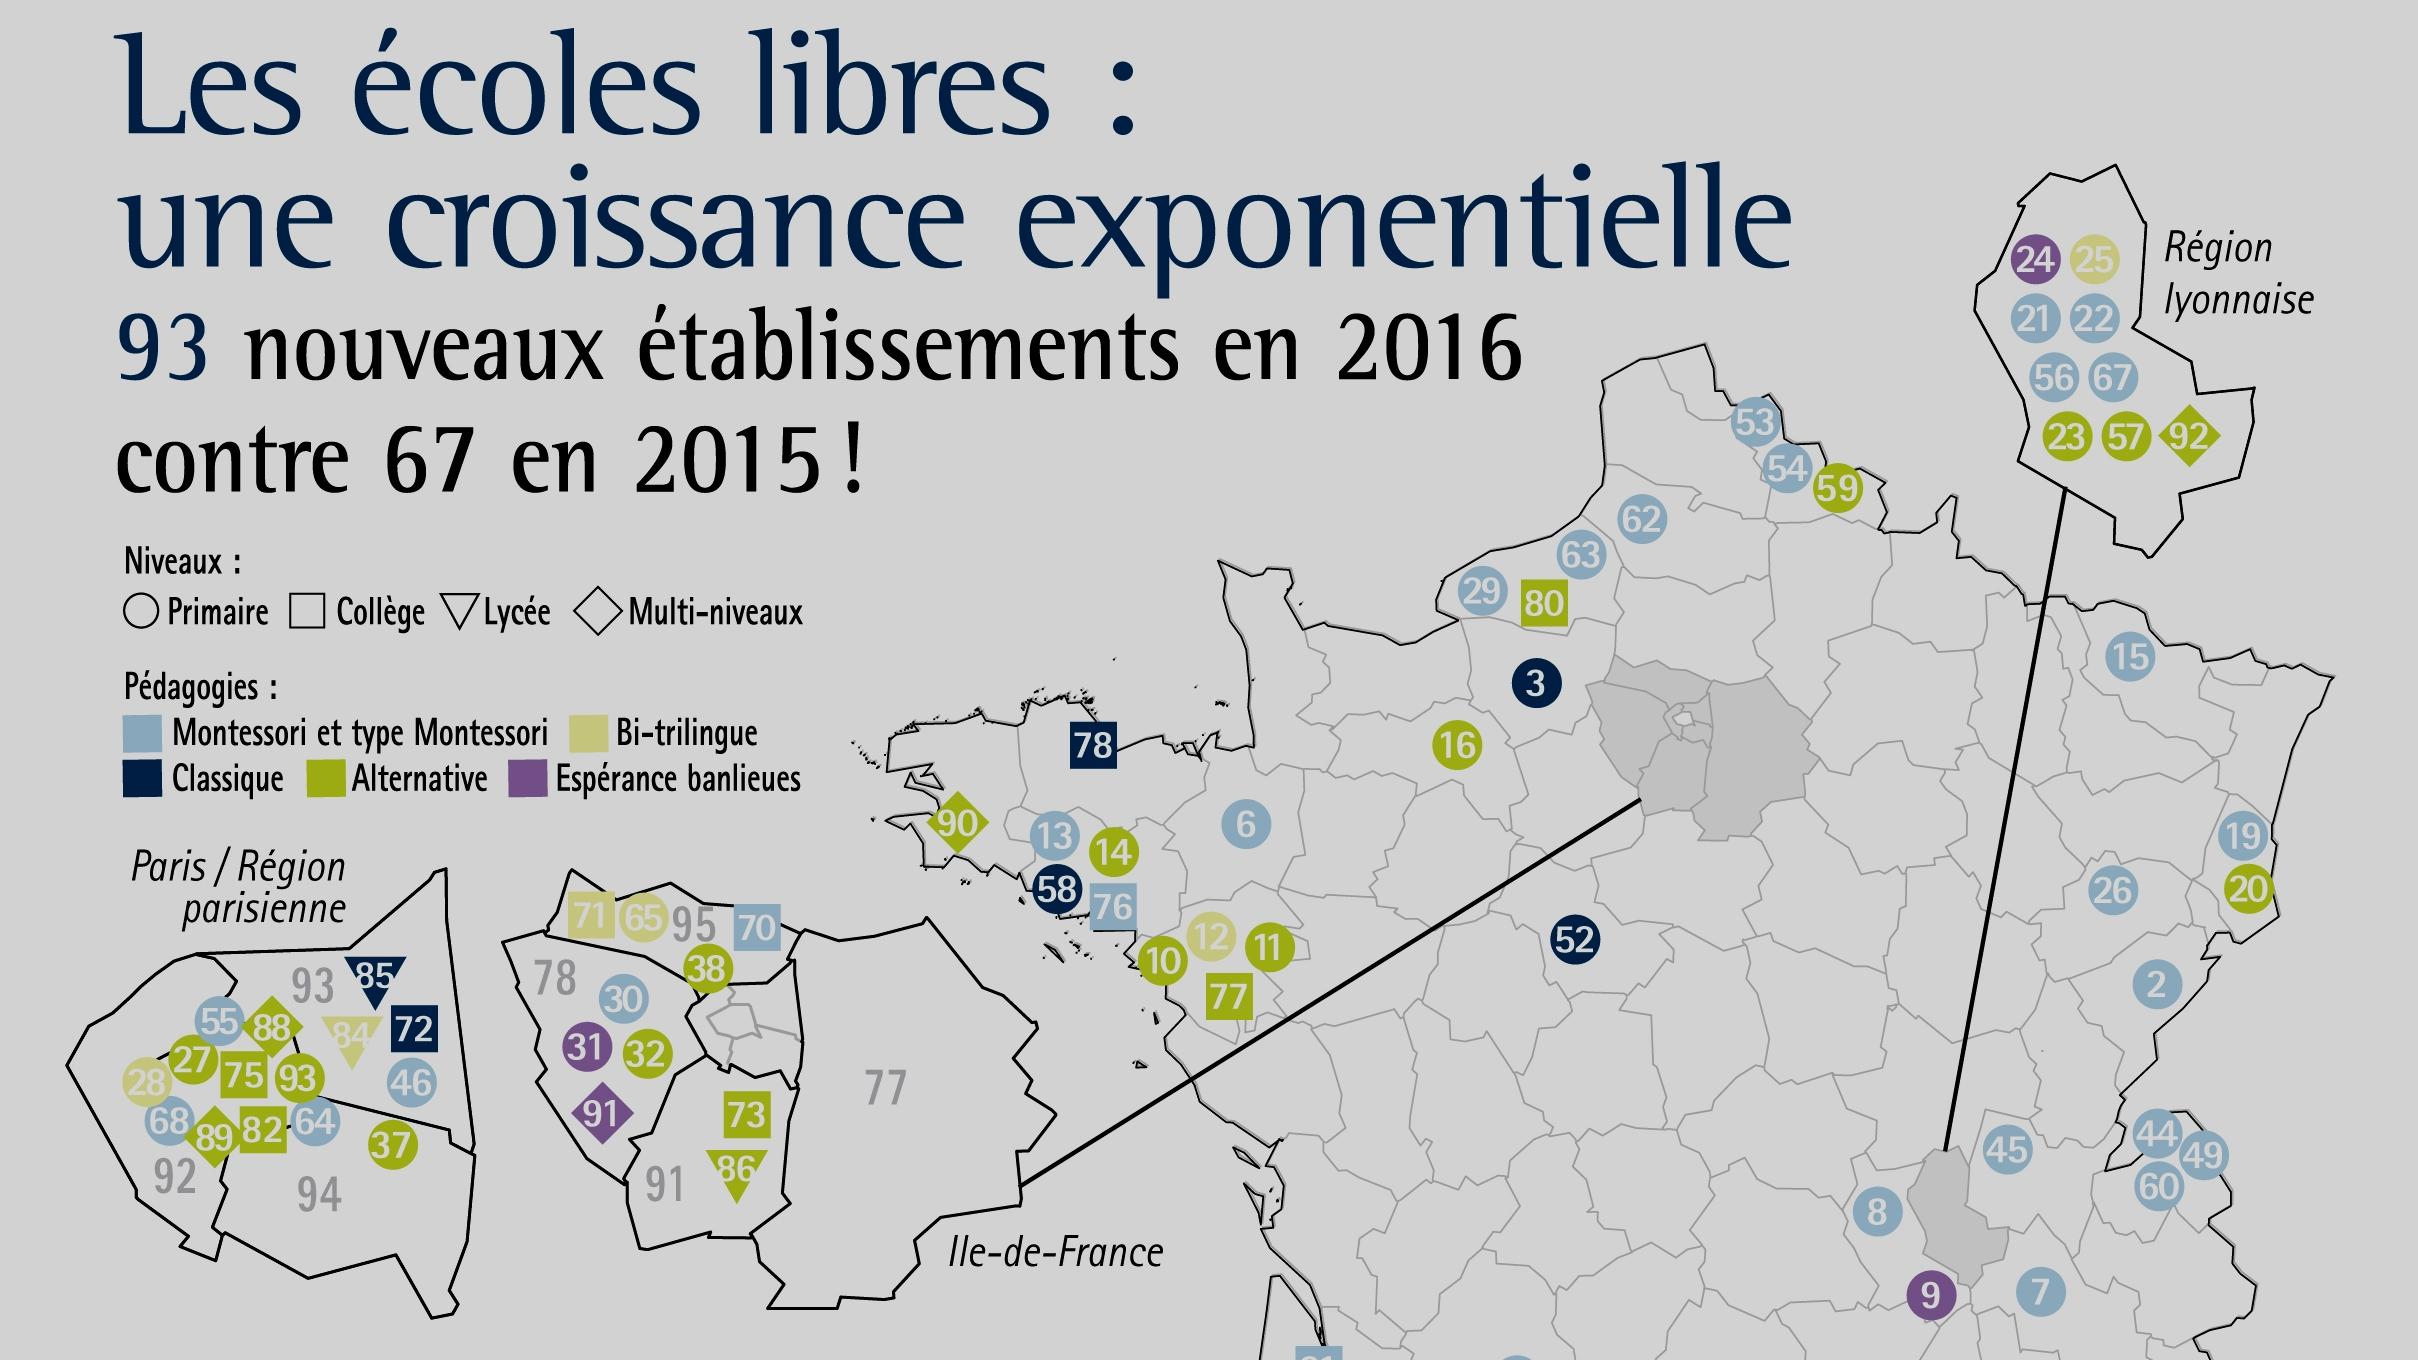 93 nouvelles écoles indépendantes en 2016